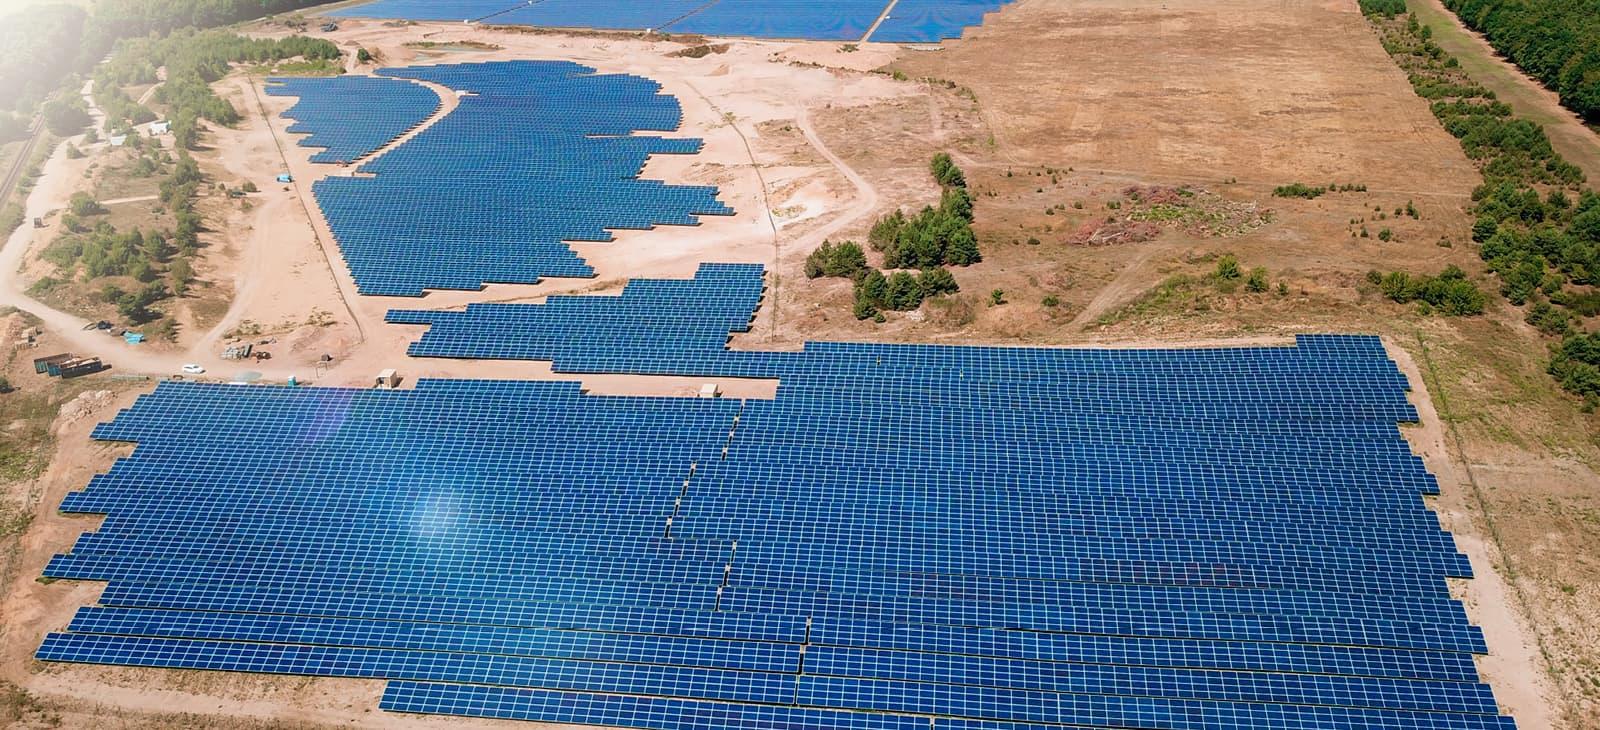 Luftbild Solarpark, Domsühl in Deutschland